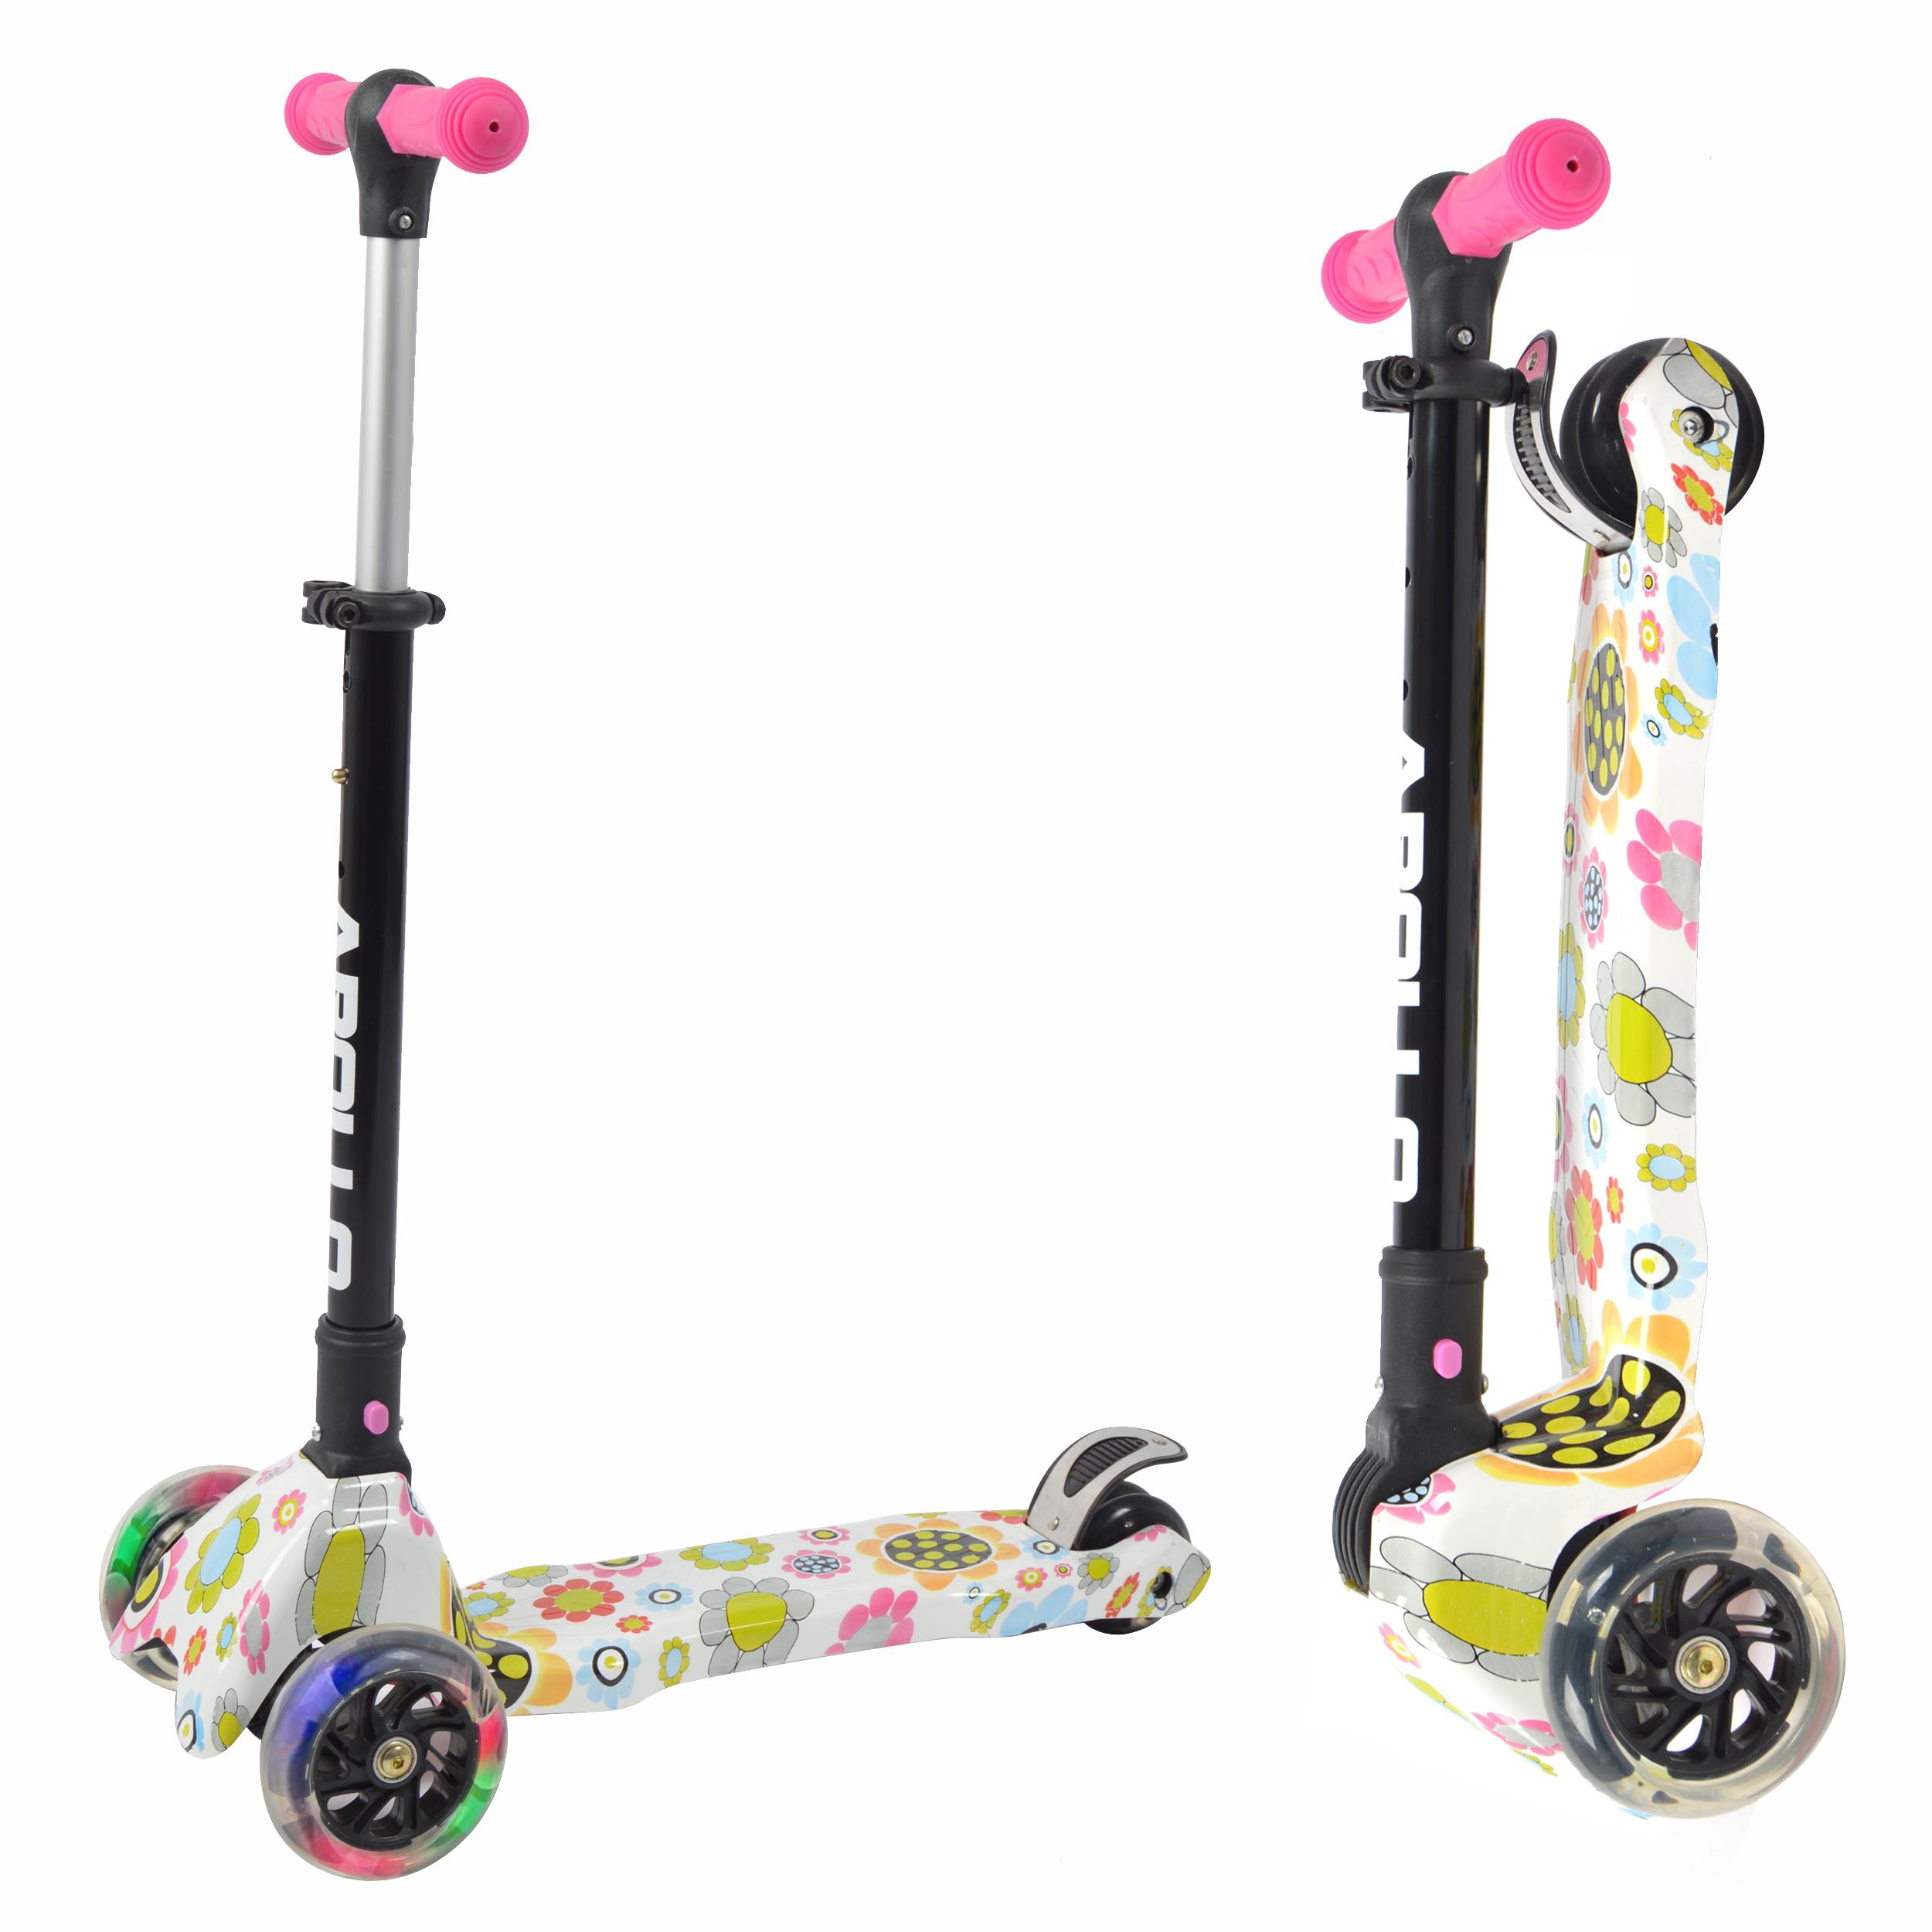 Kinderroller Candy Racer LED - Flower